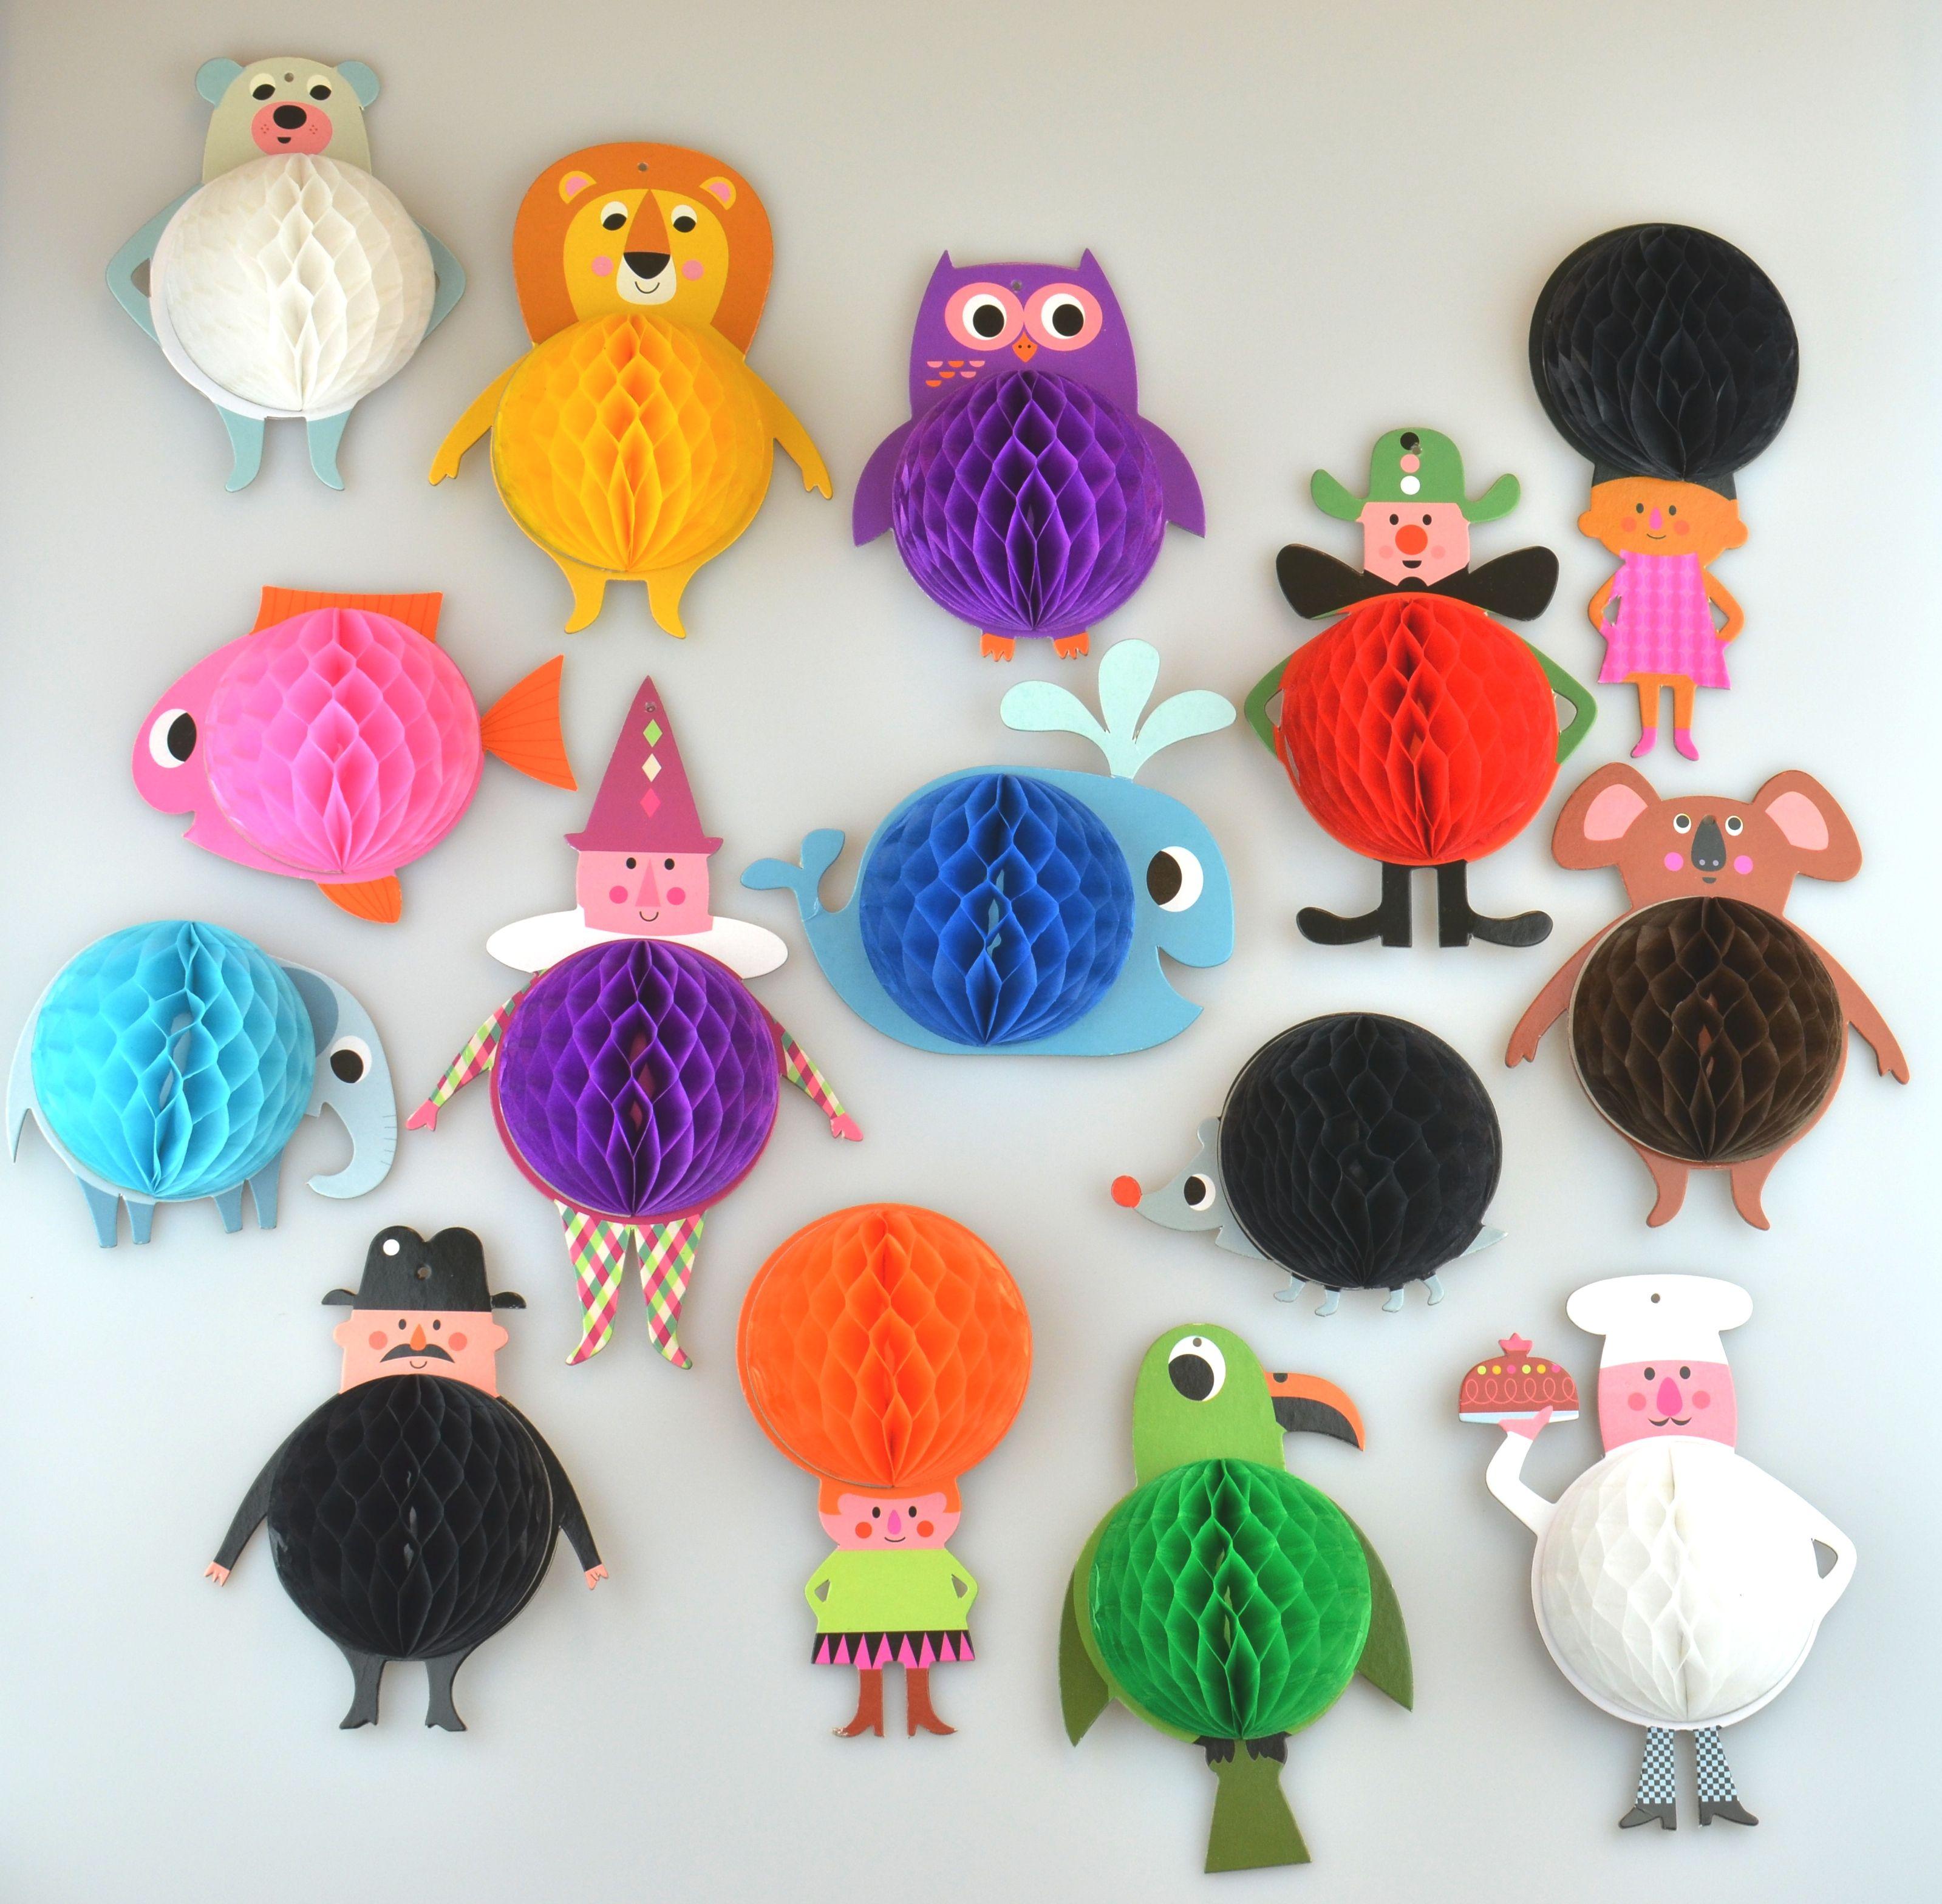 wabenpapier Google keresés zoo crafts